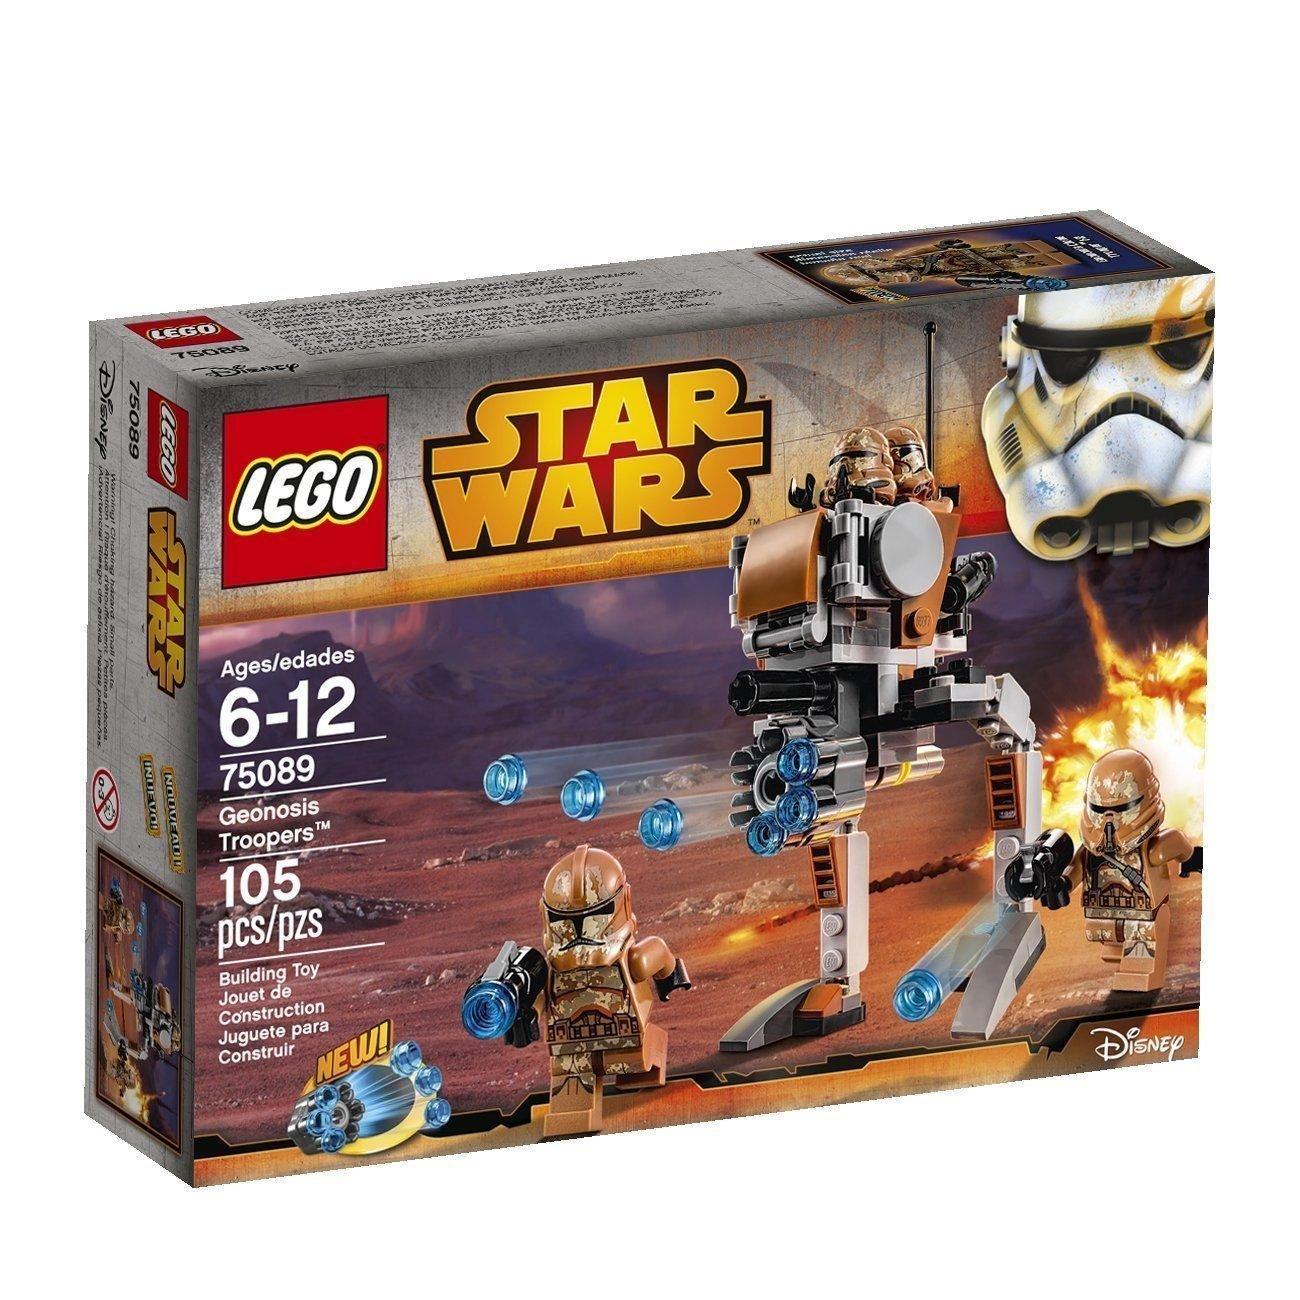 LEGO 75089 Star Wars Geonosis Troopers